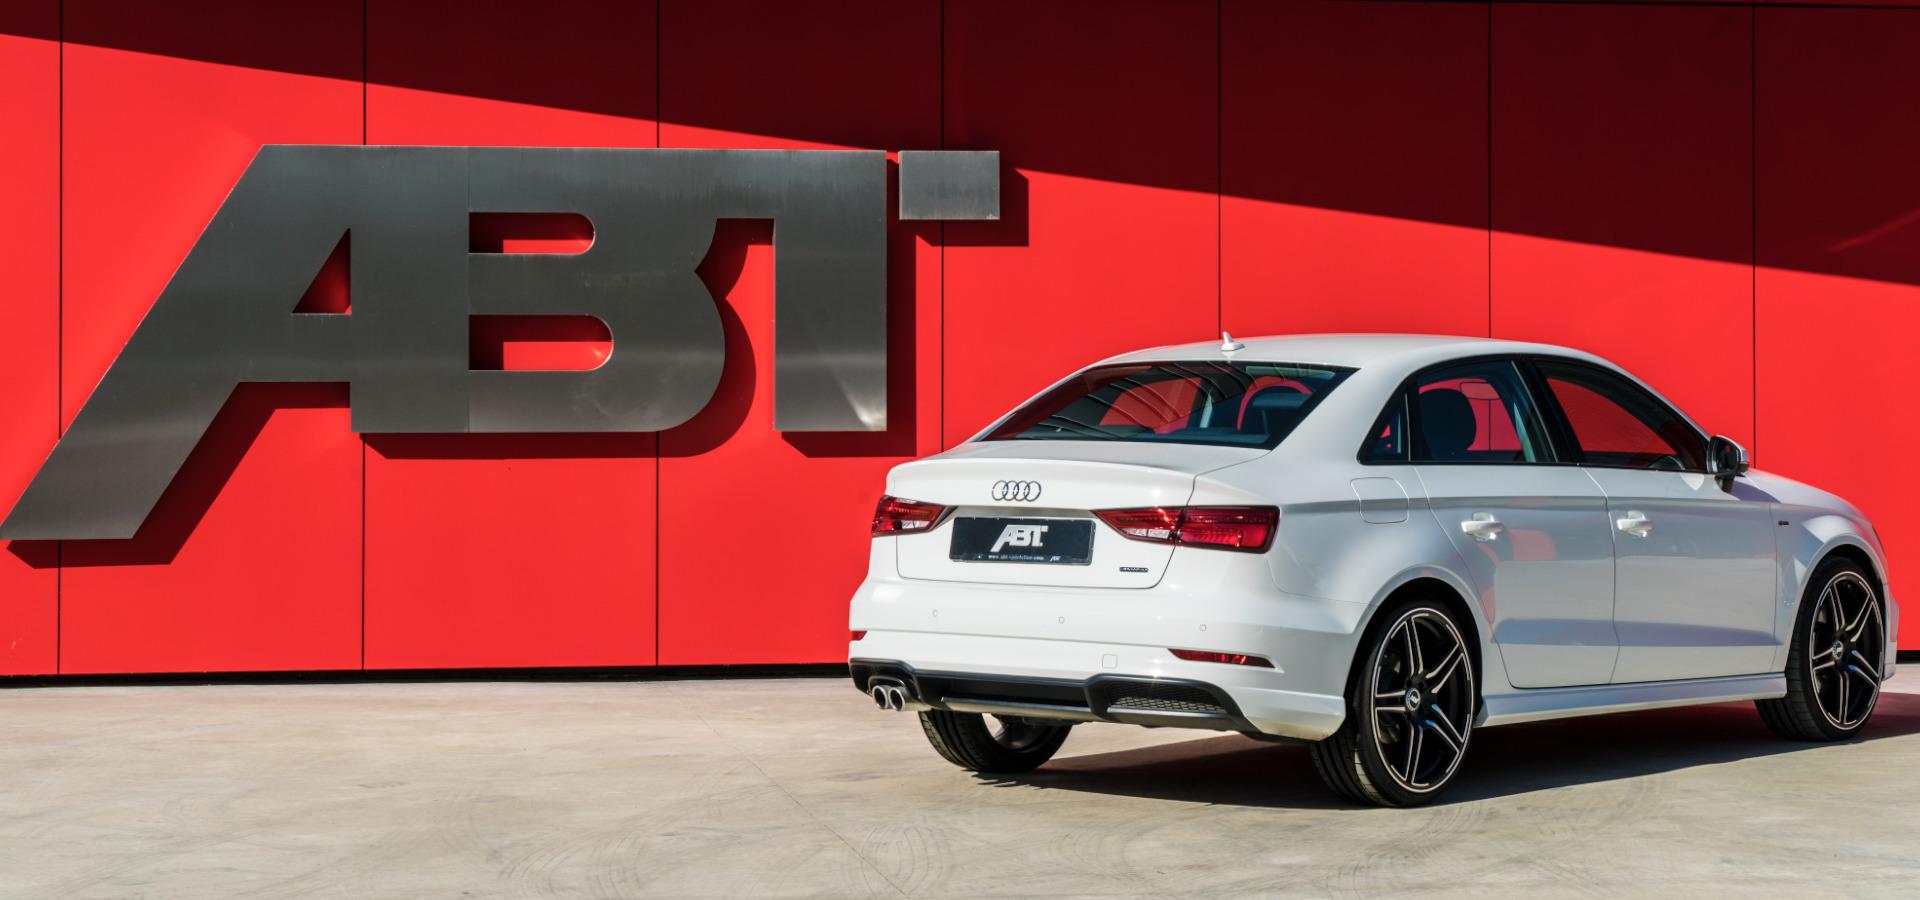 Kekurangan Audi S3 Sedan Perbandingan Harga